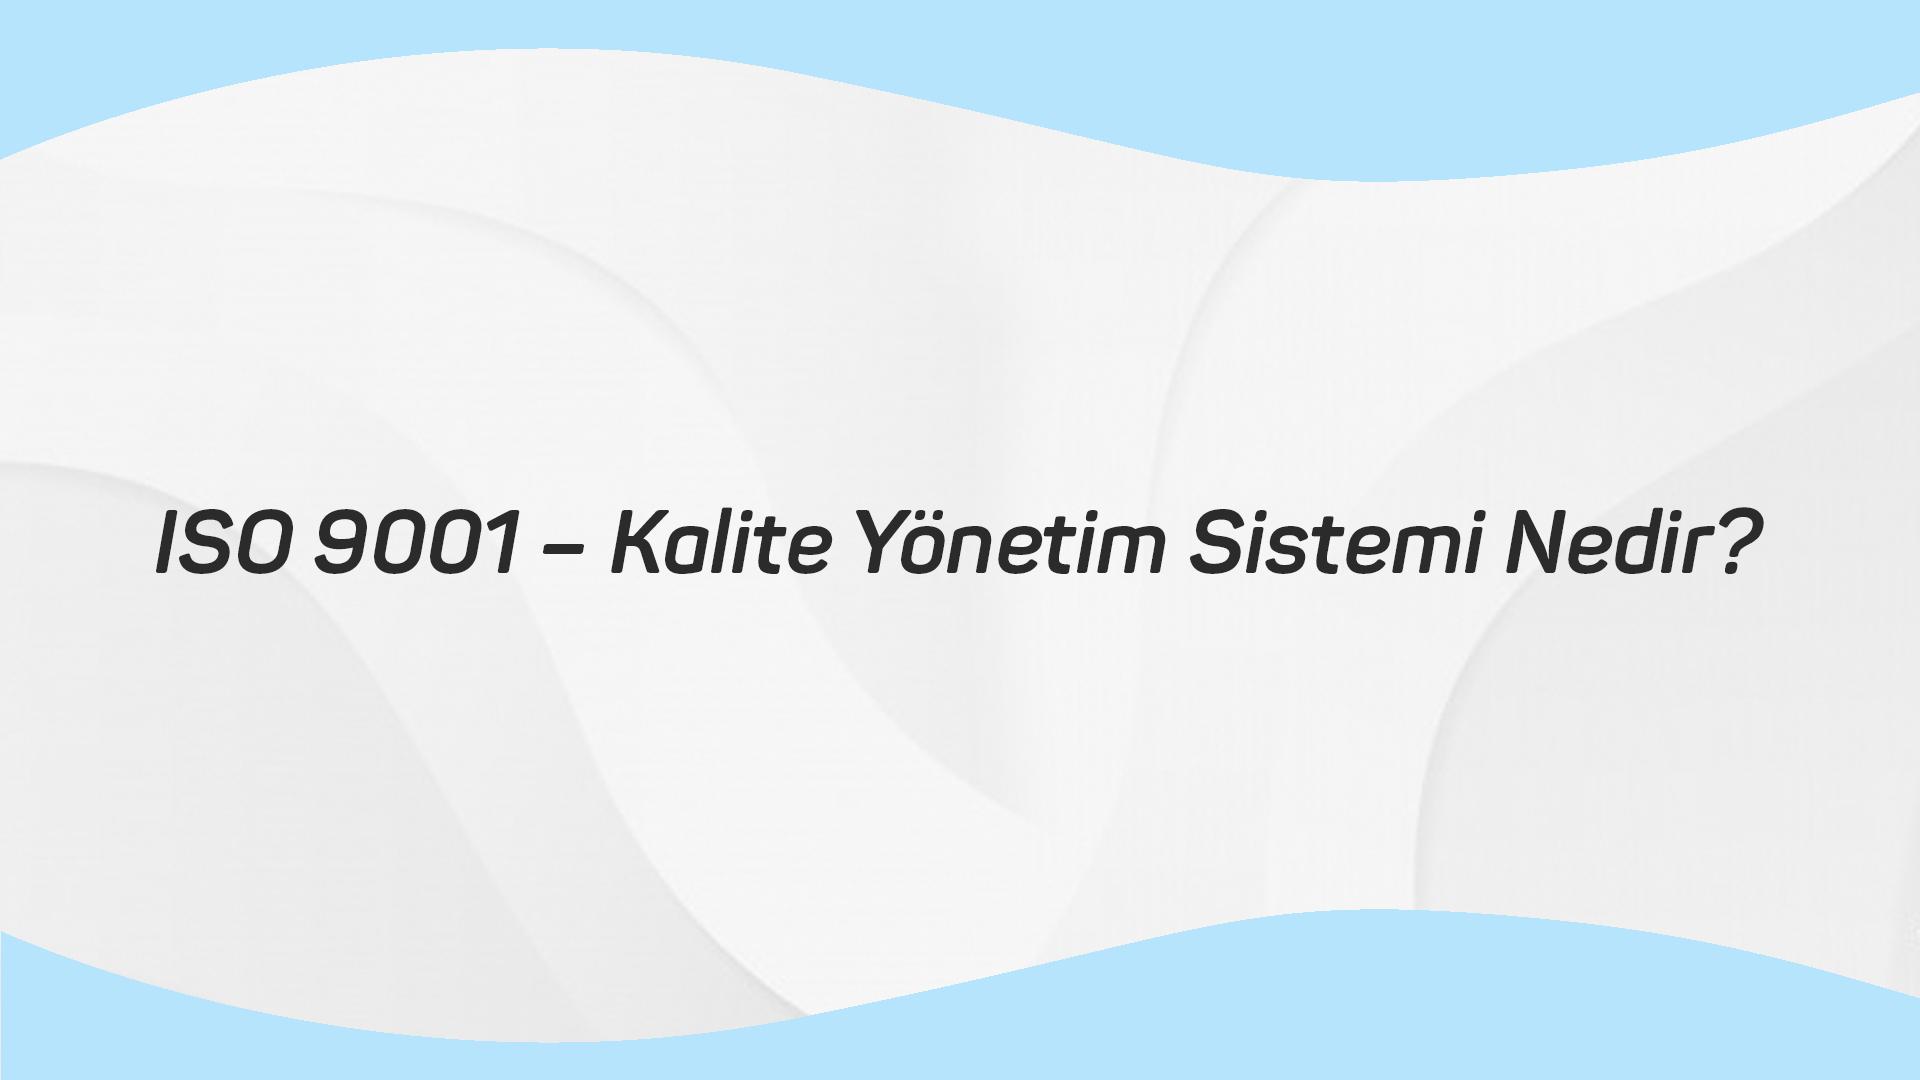 ISO 9001 – Kalite Yönetim Sistemi Nedir